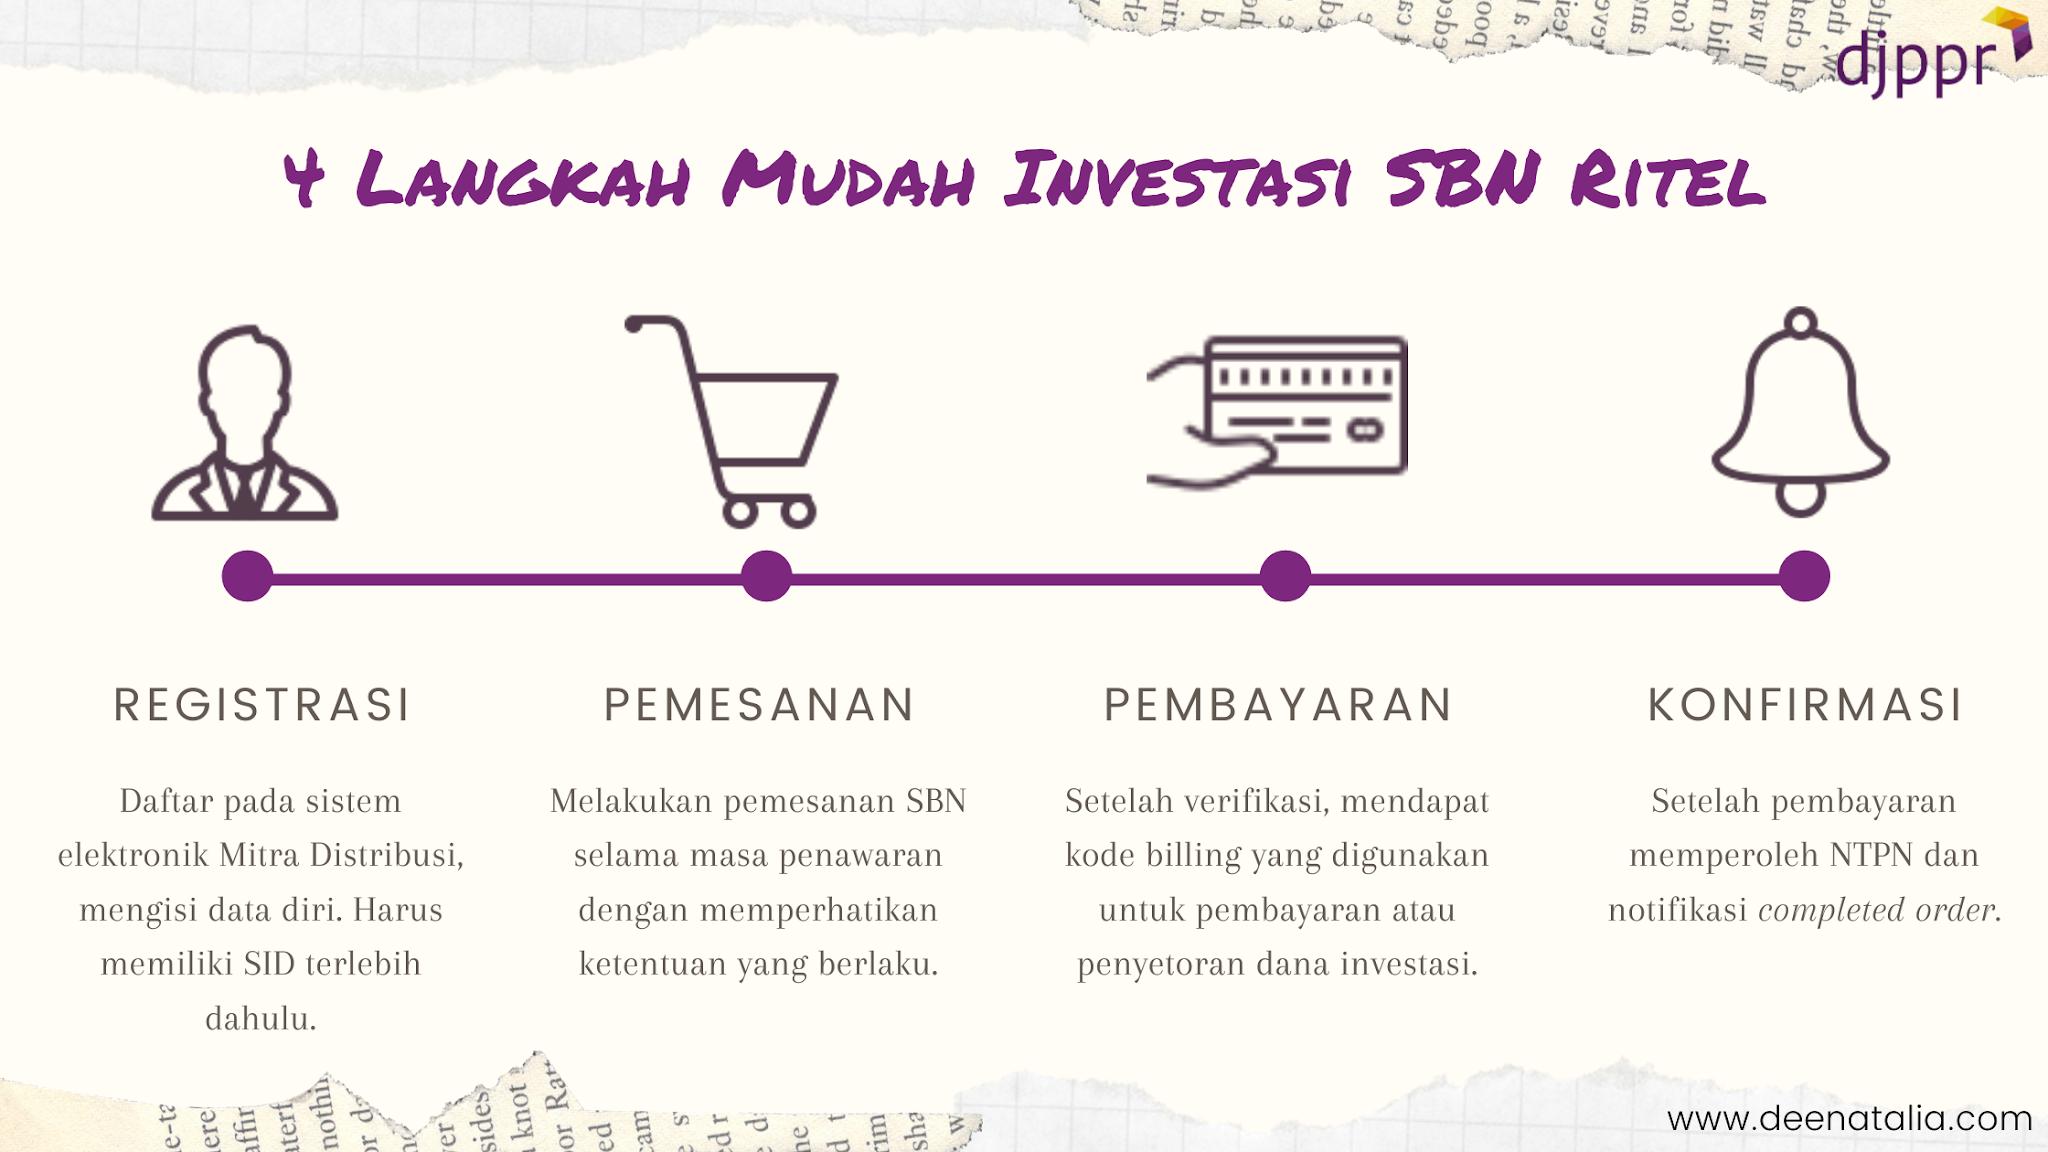 Langkah Mudah Investasi SBN Ritel #IniUntukKita